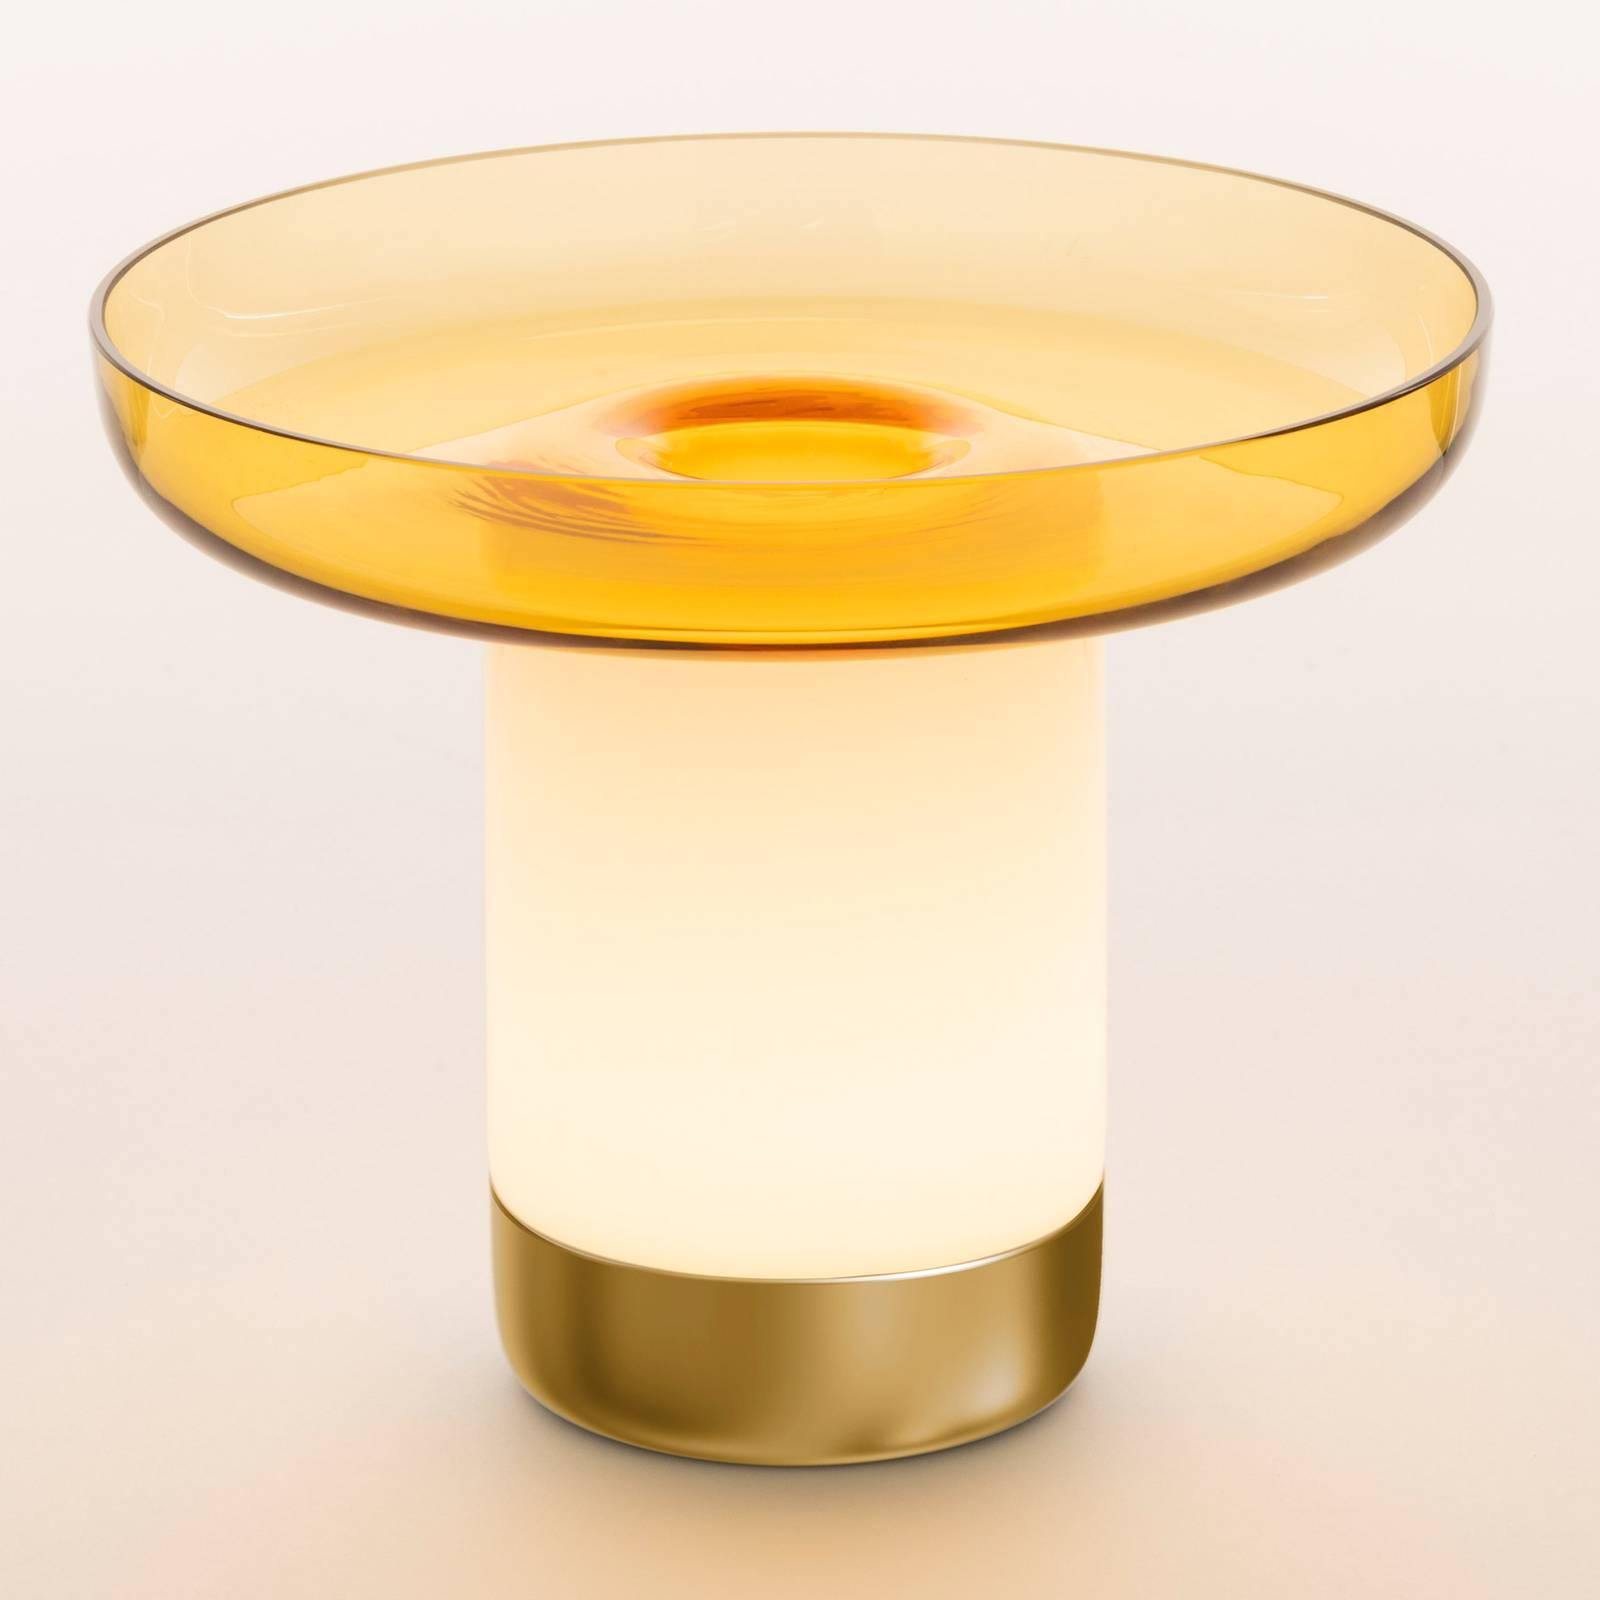 Artemide Bontà LED-Tischleuchte, gelbe Schale